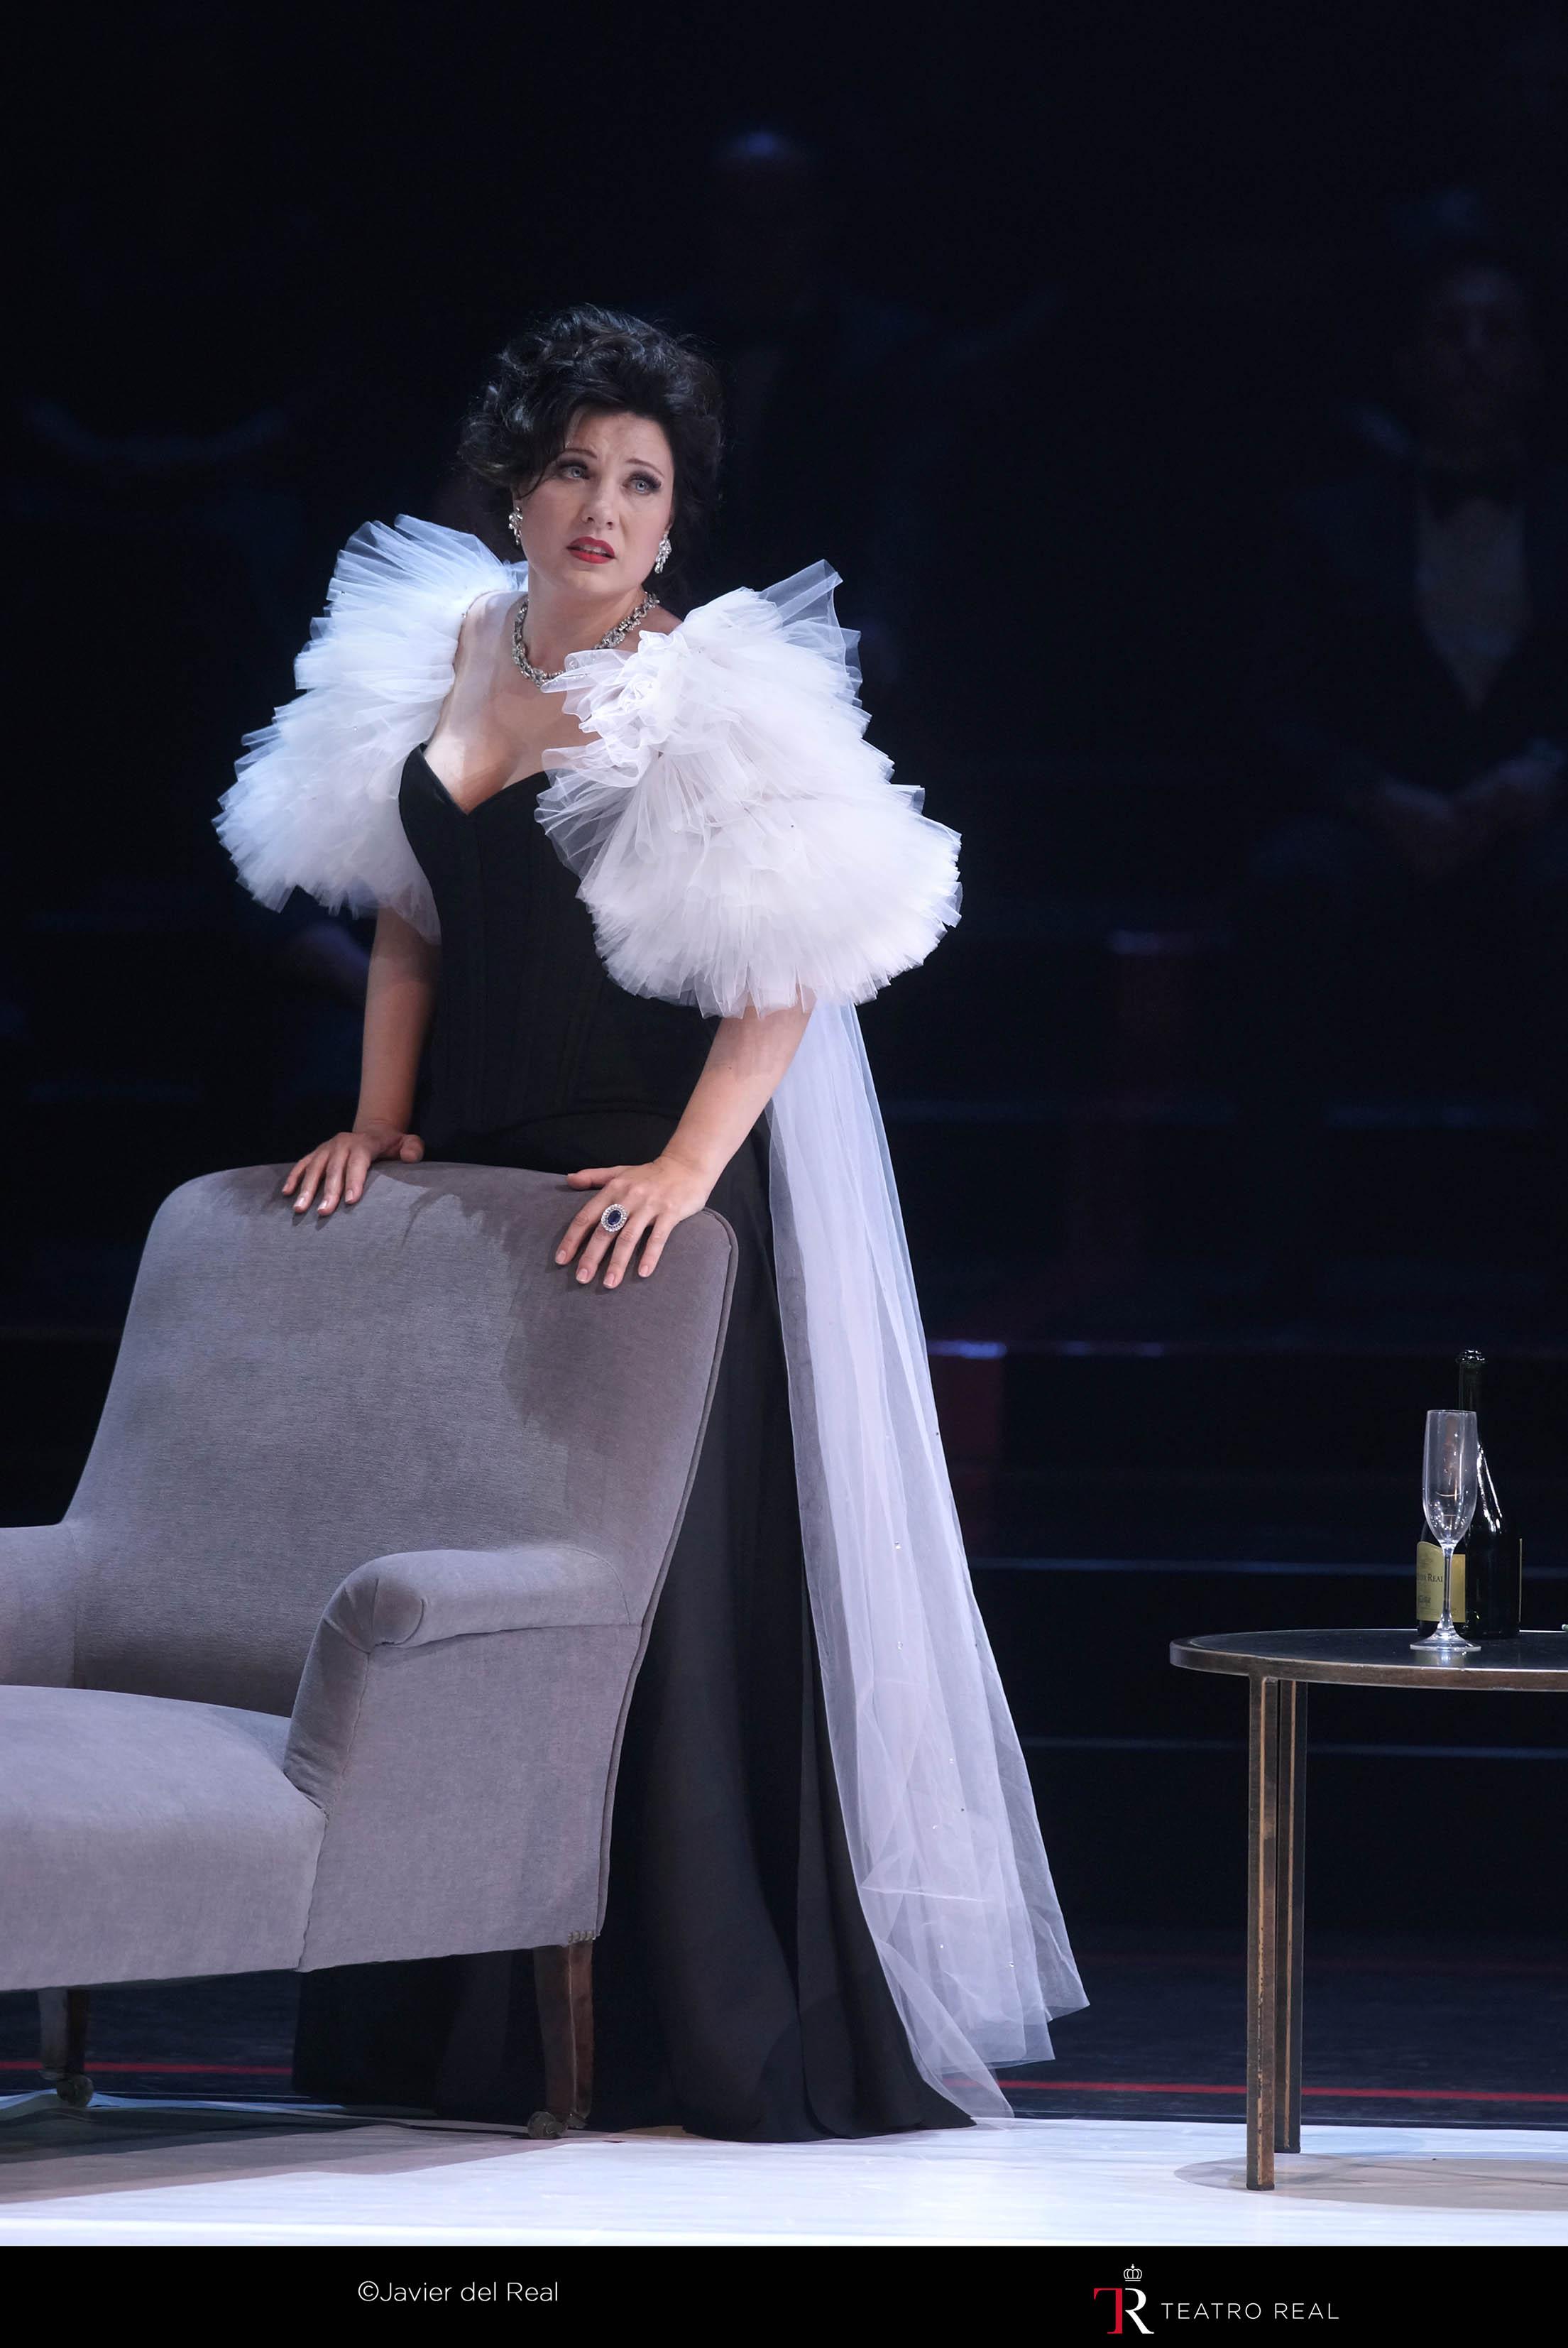 La soprano Marina Rebeka, una de las Violettas de esta producción de La Traviata